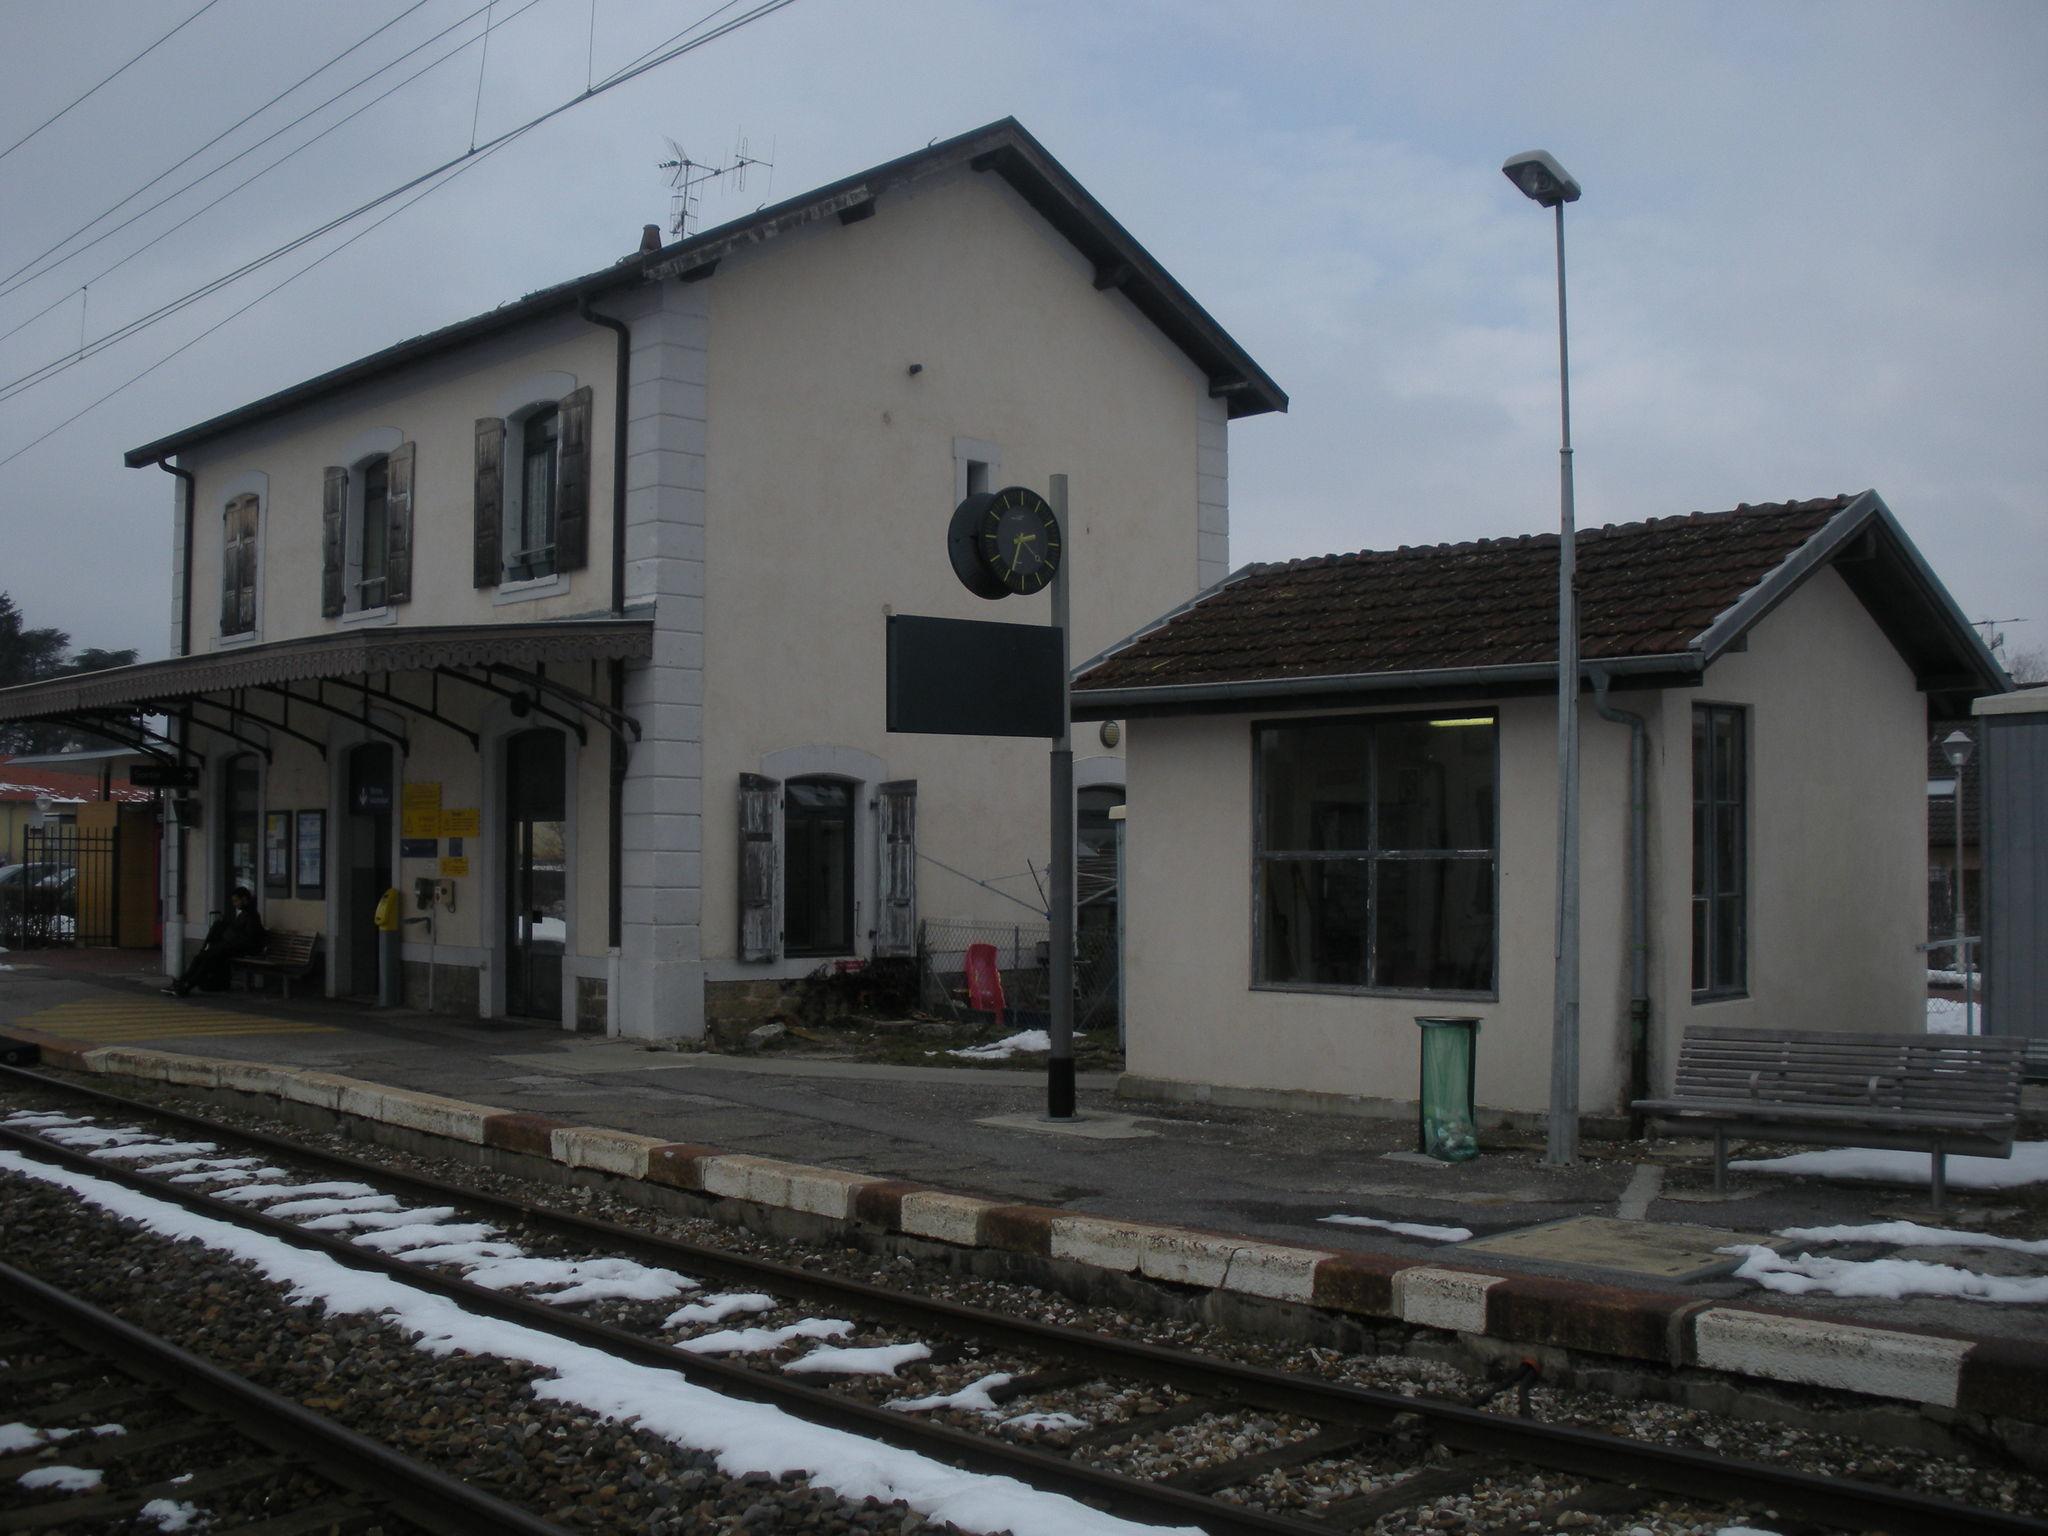 Reignier (Haute-Savoie) 1